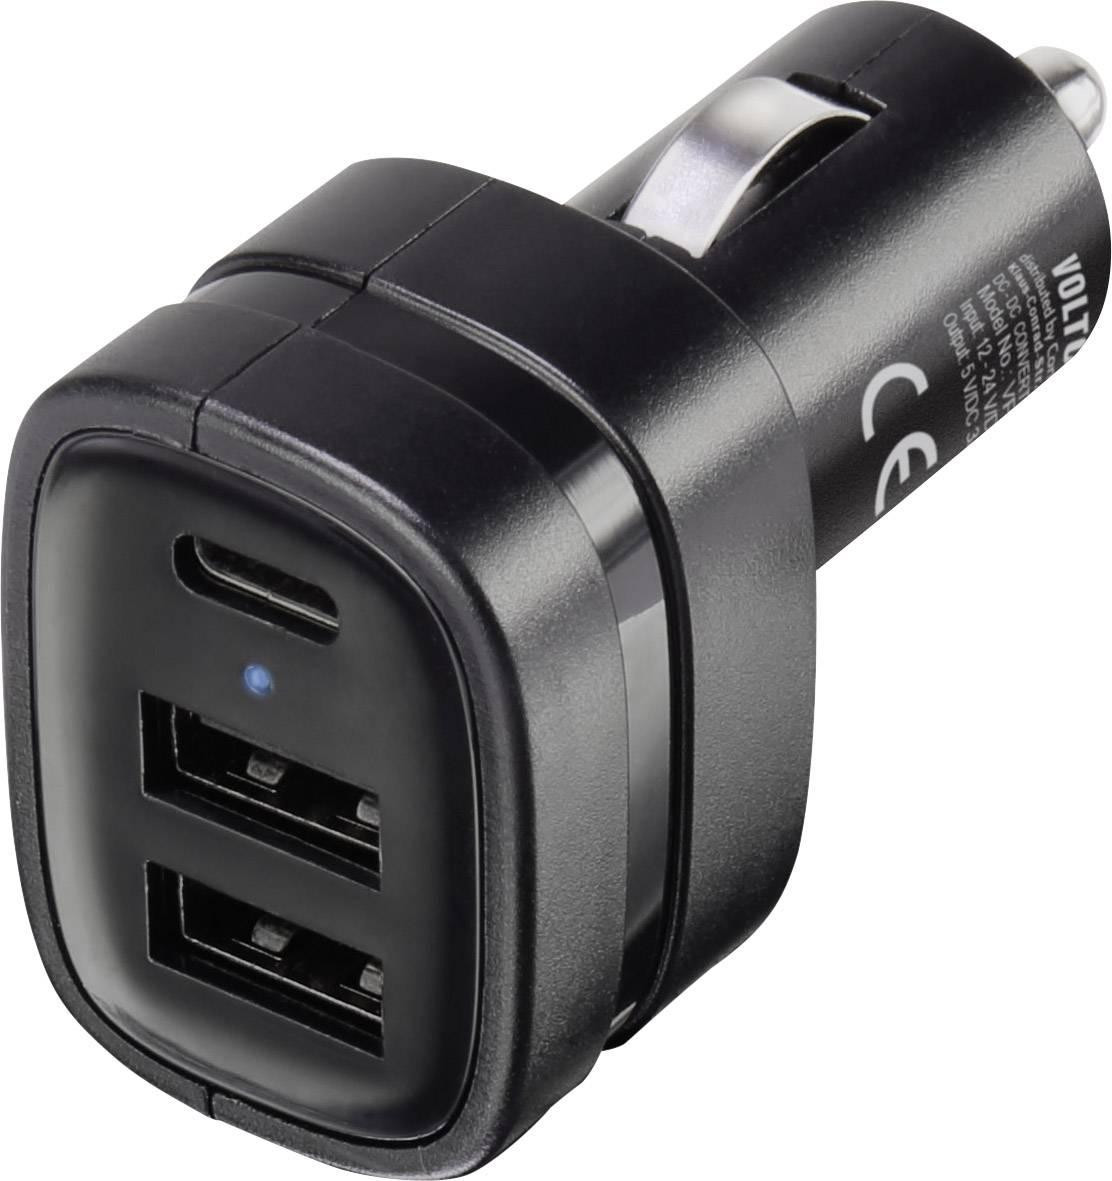 USB nabíječka VOLTCRAFT VC-8332435, nabíjecí proud 3 A, černá